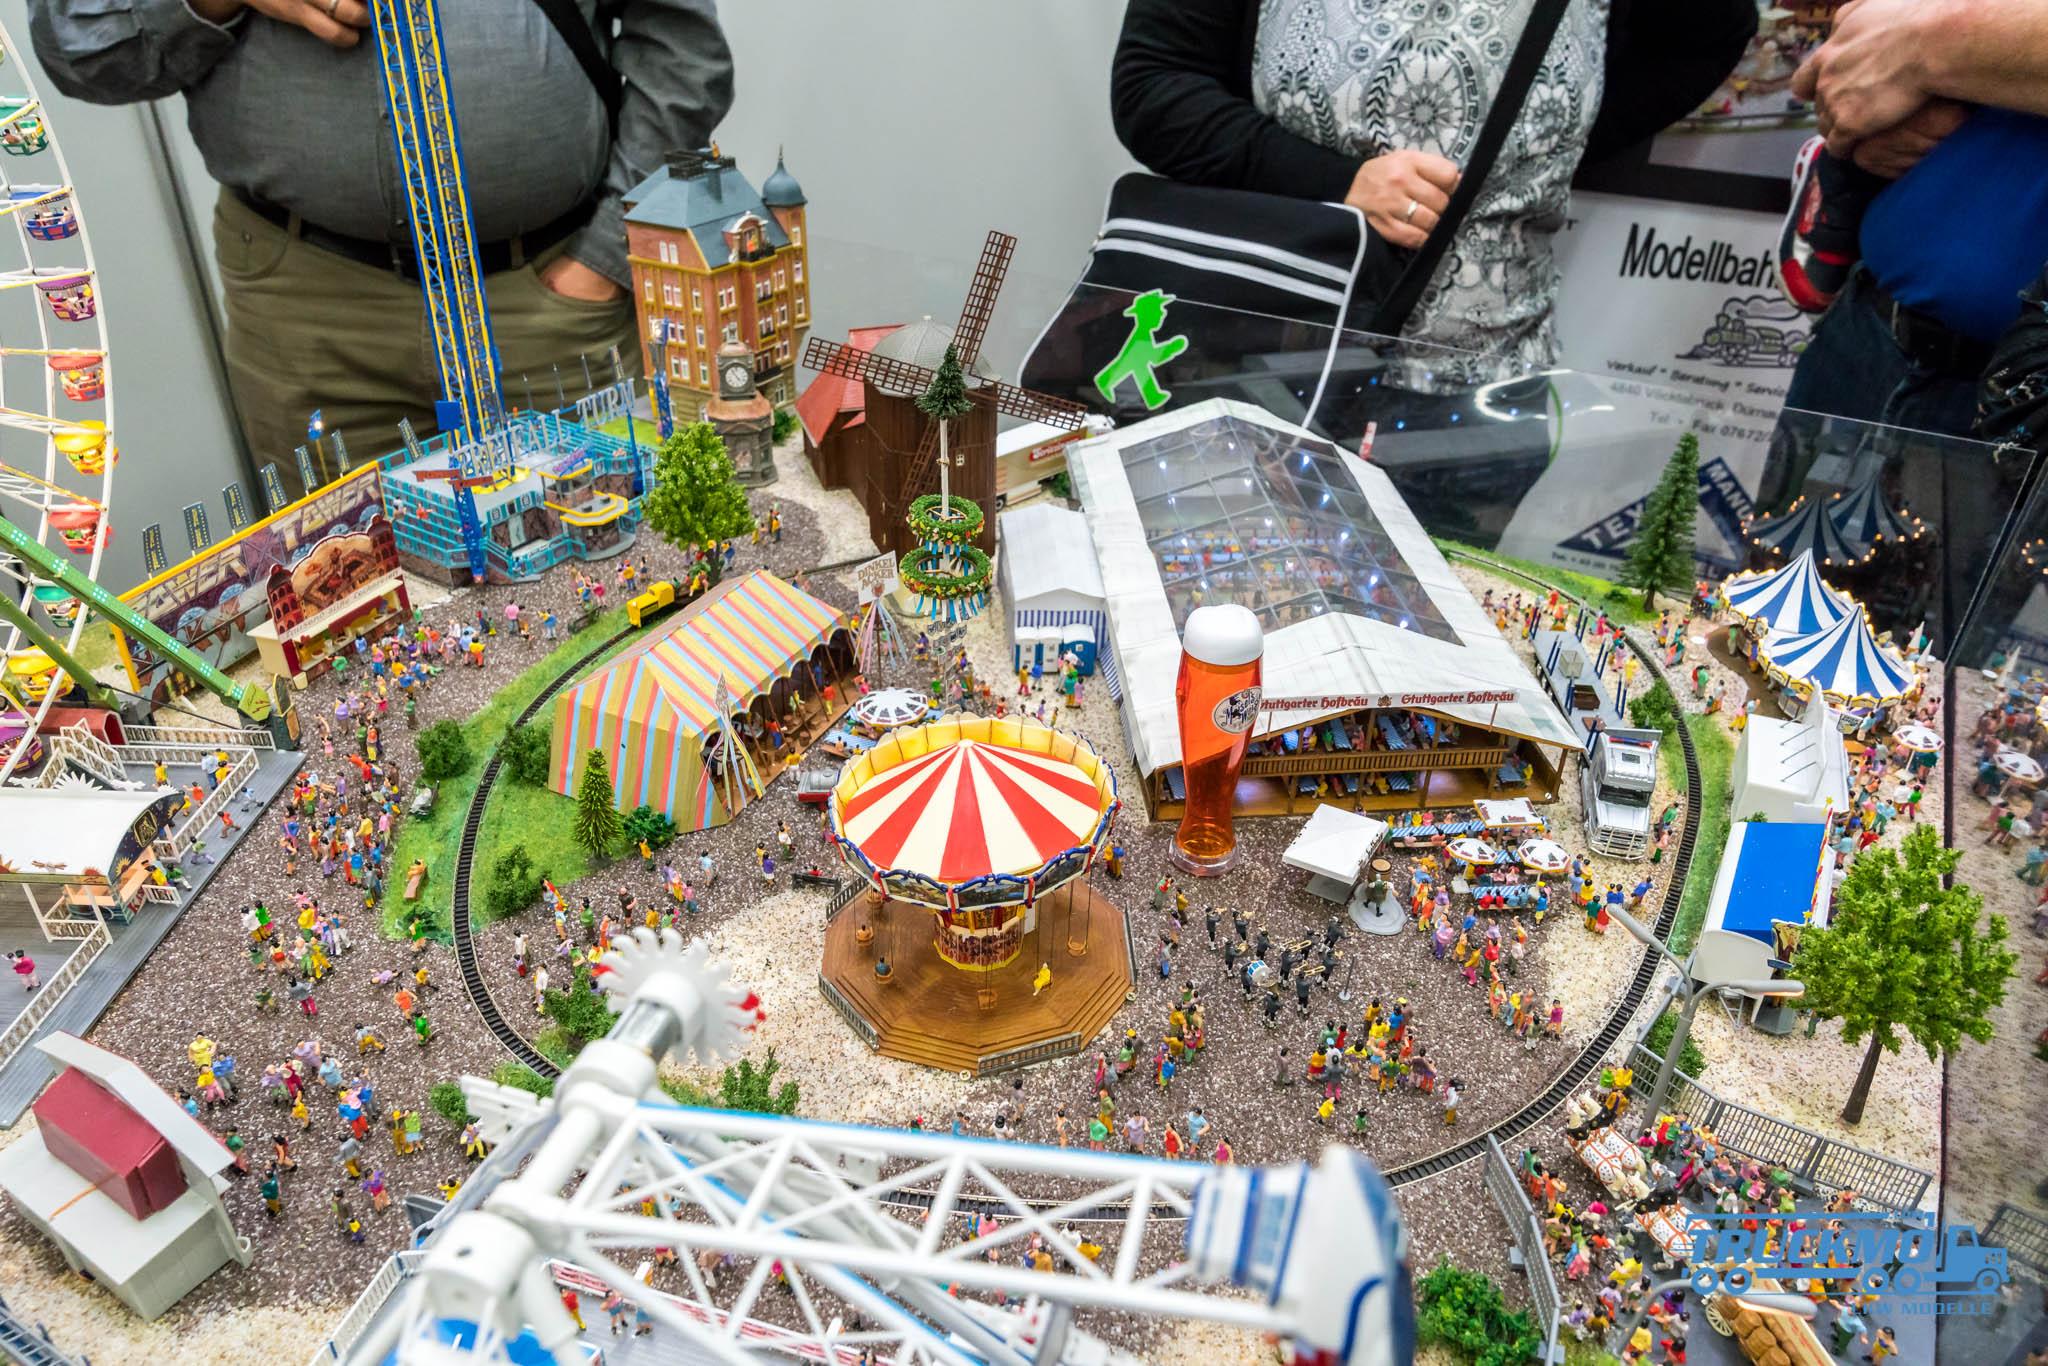 Truckmo_Modellbau_Ried_2017_Herpa_Messe_Modellbauausstellung (292 von 1177)